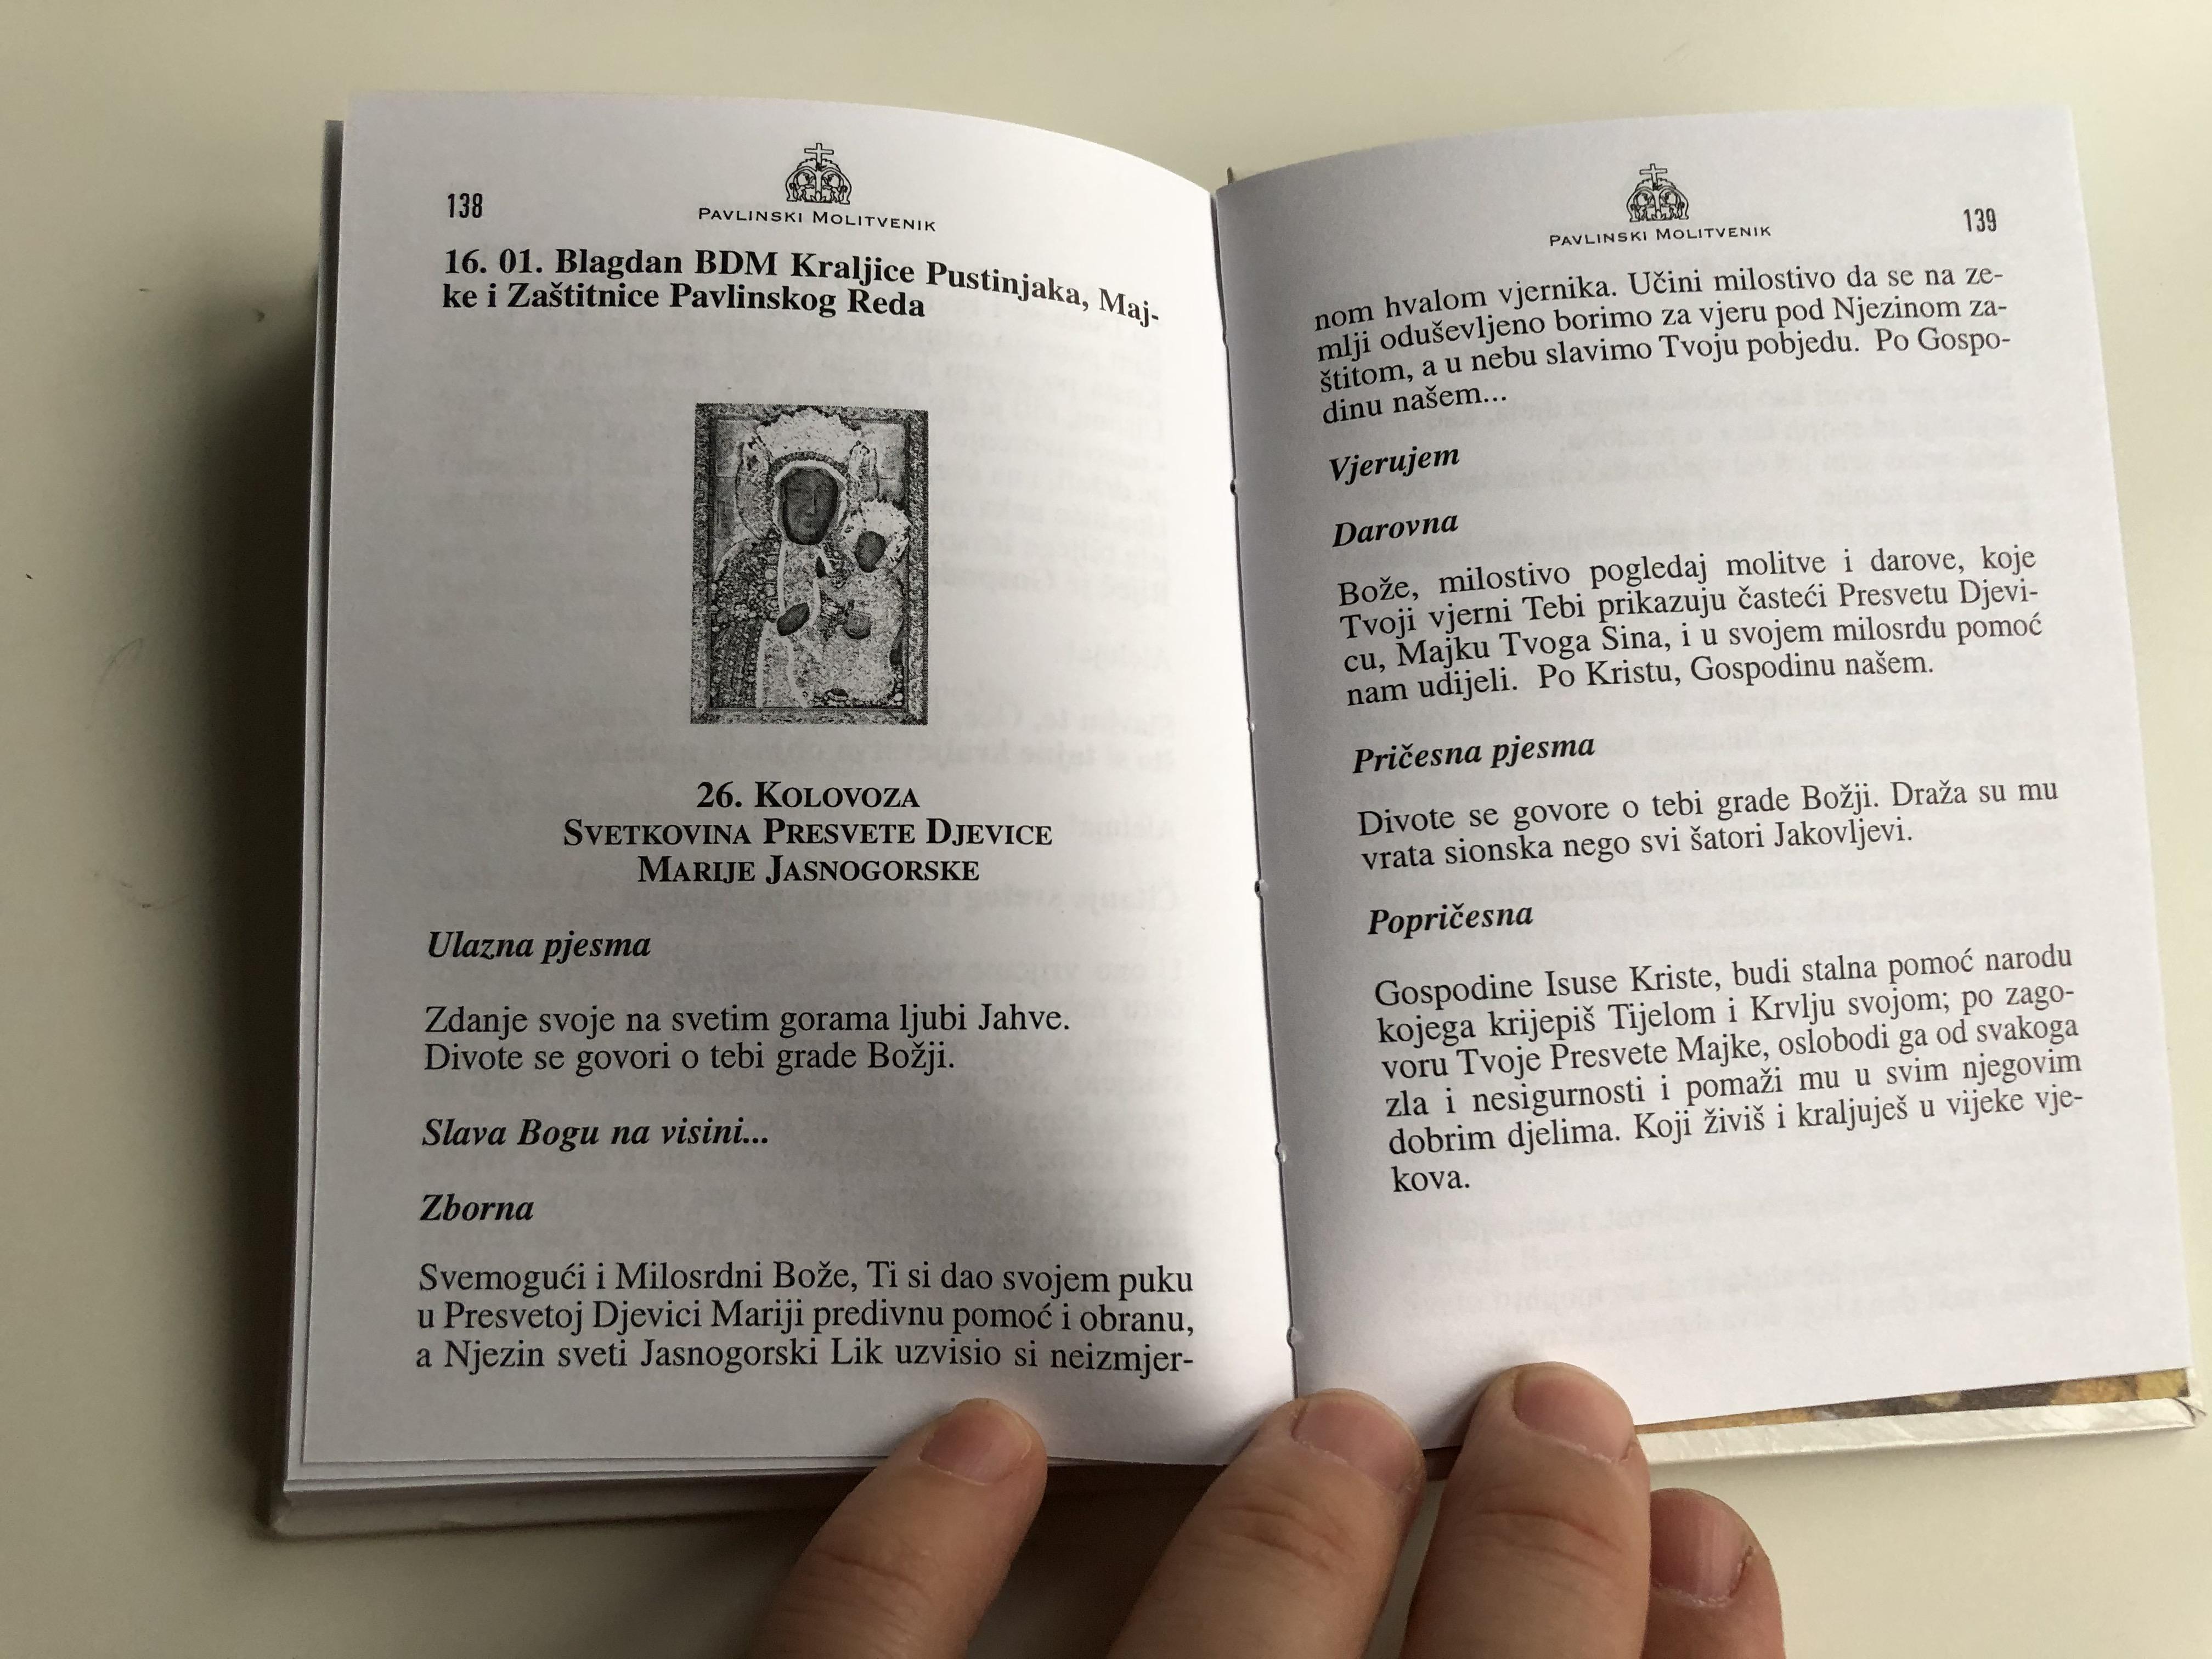 pavlinski-molitvenik-by-o.-marko-kornelije-glogovi-croatian-language-pauline-prayerbook-11.jpg